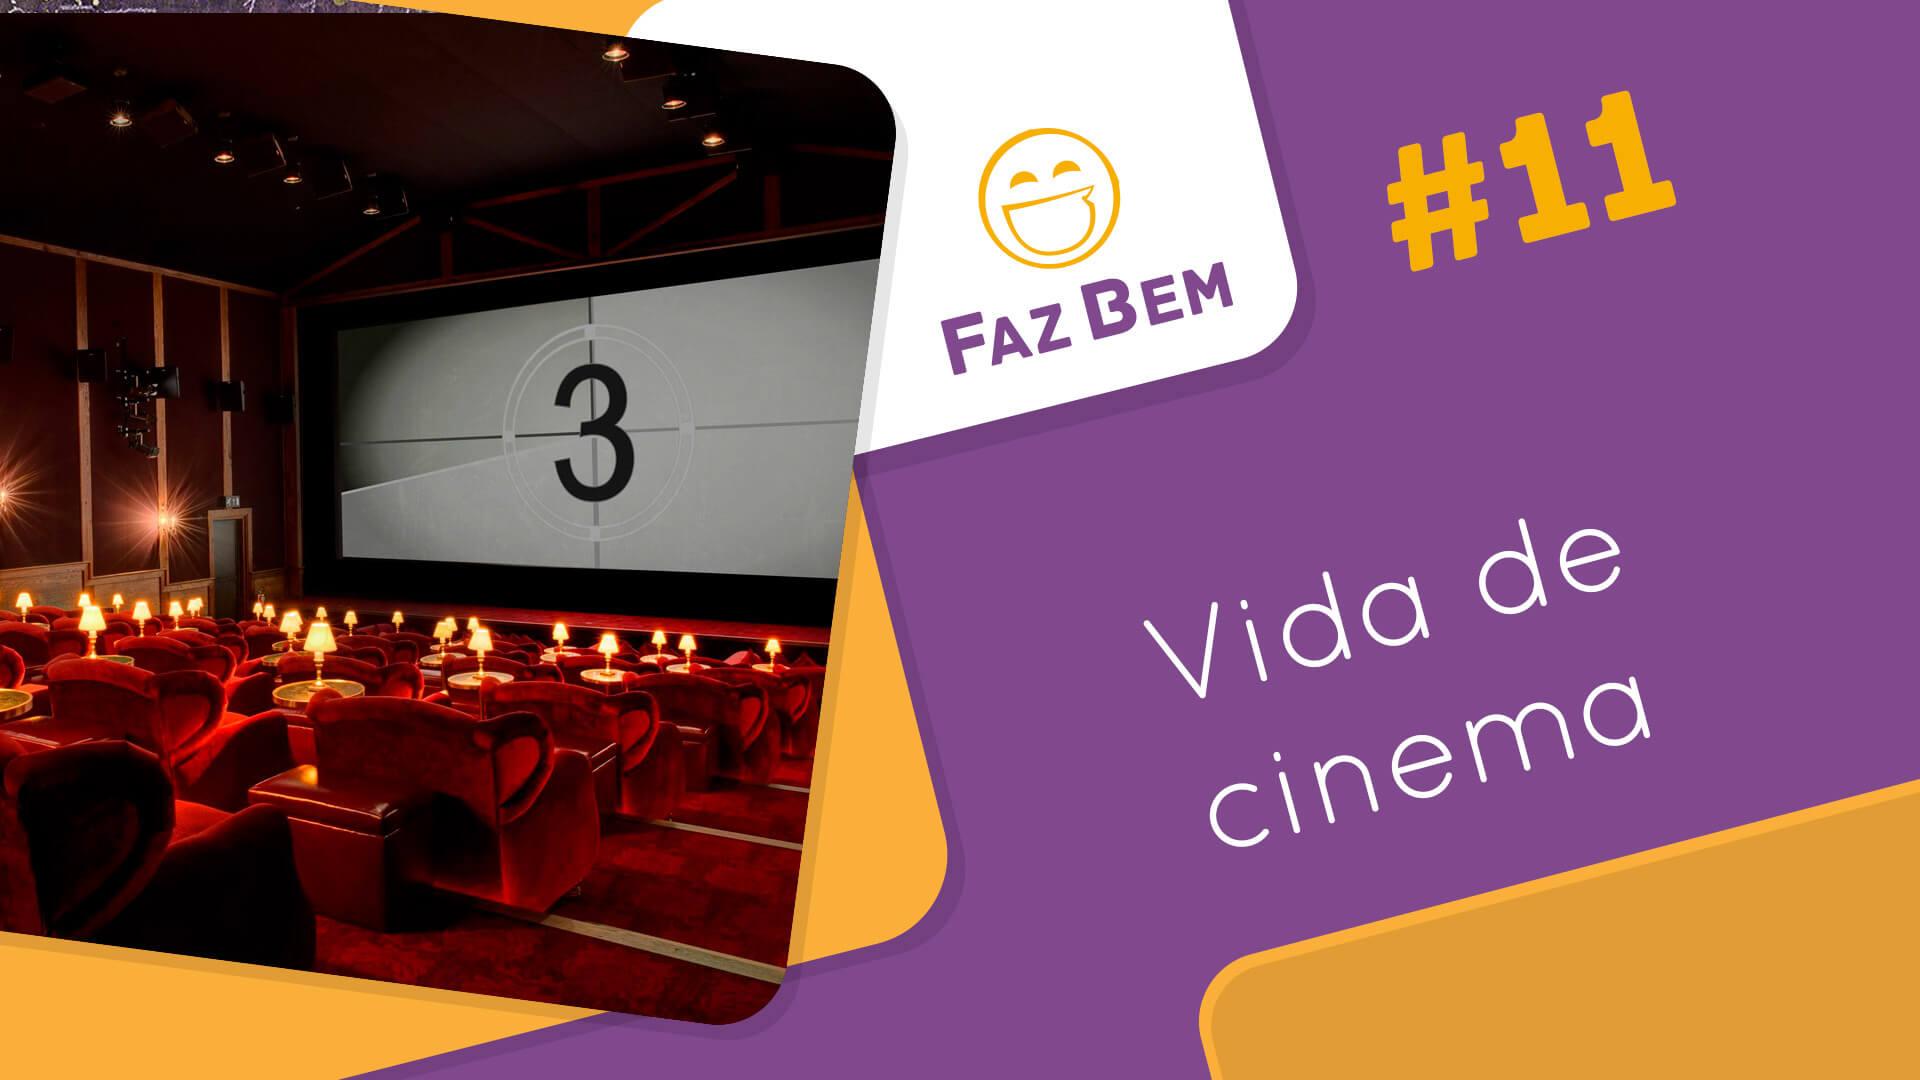 Faz Bem #11 – Vida de Cinema